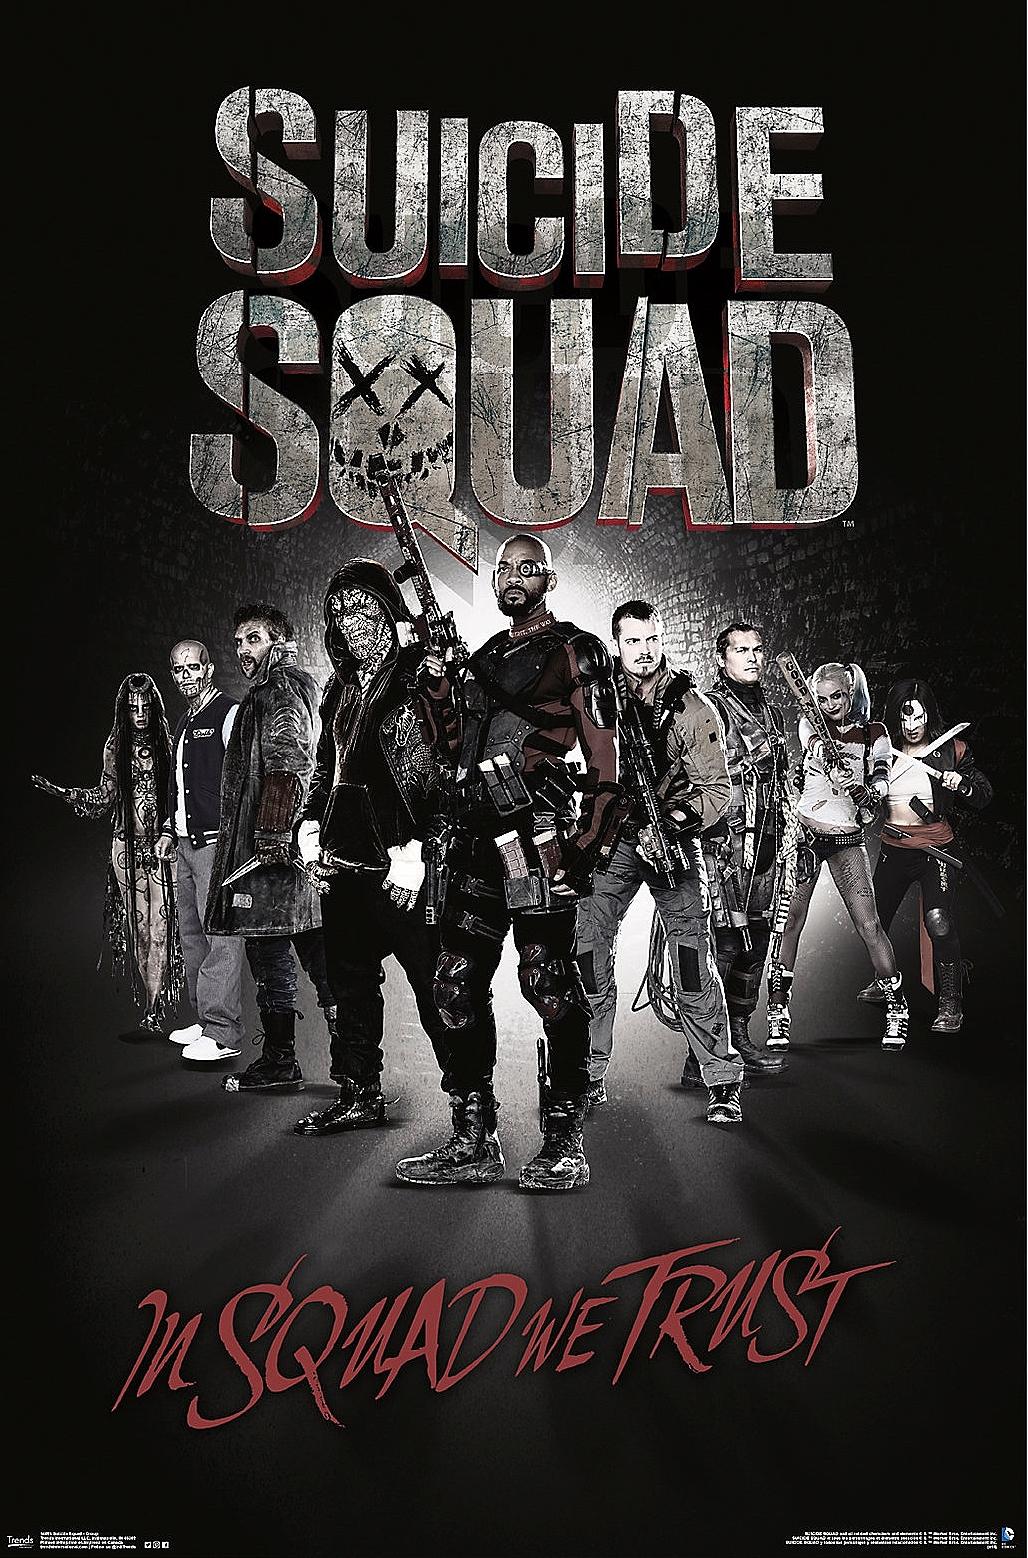 suiceide squad